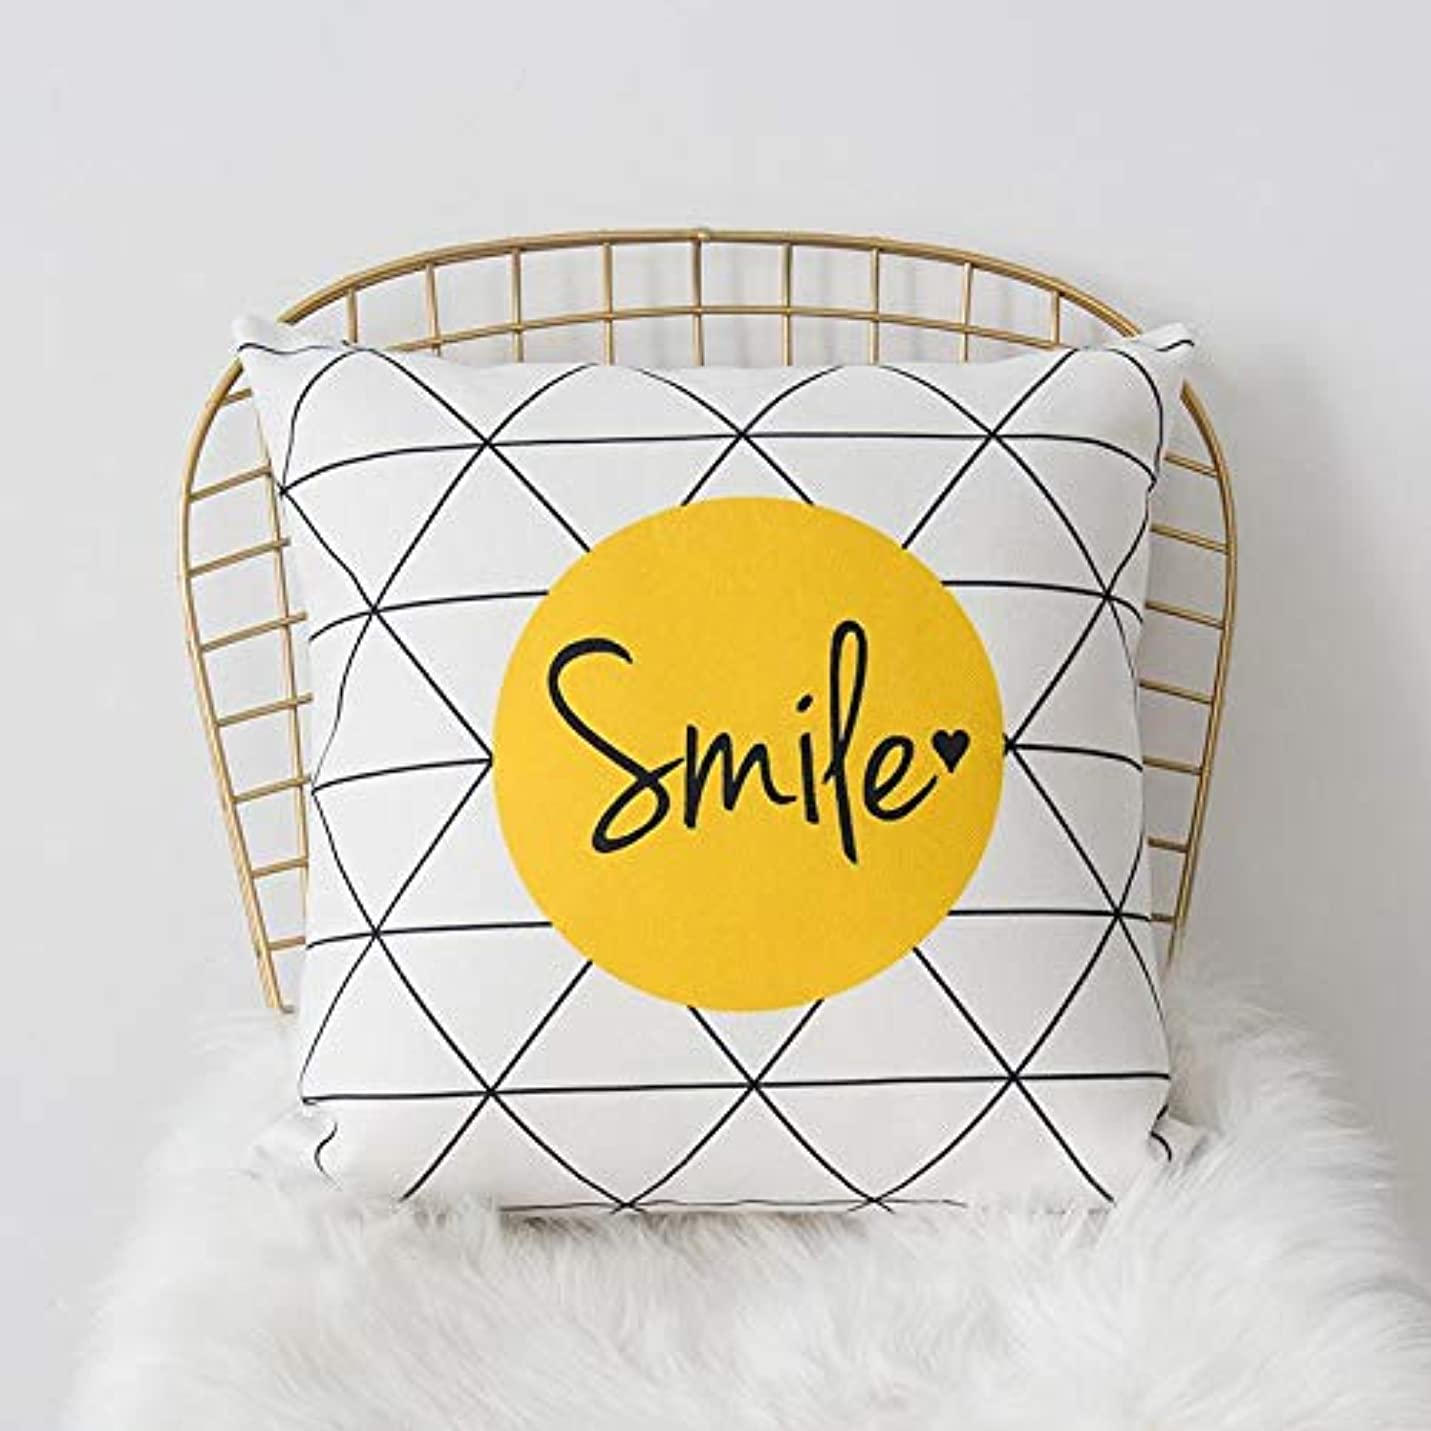 平和踏みつけペナルティLIFE 黄色グレー枕北欧スタイル黄色ヘラジカ幾何枕リビングルームのインテリアソファクッション Cojines 装飾良質 クッション 椅子